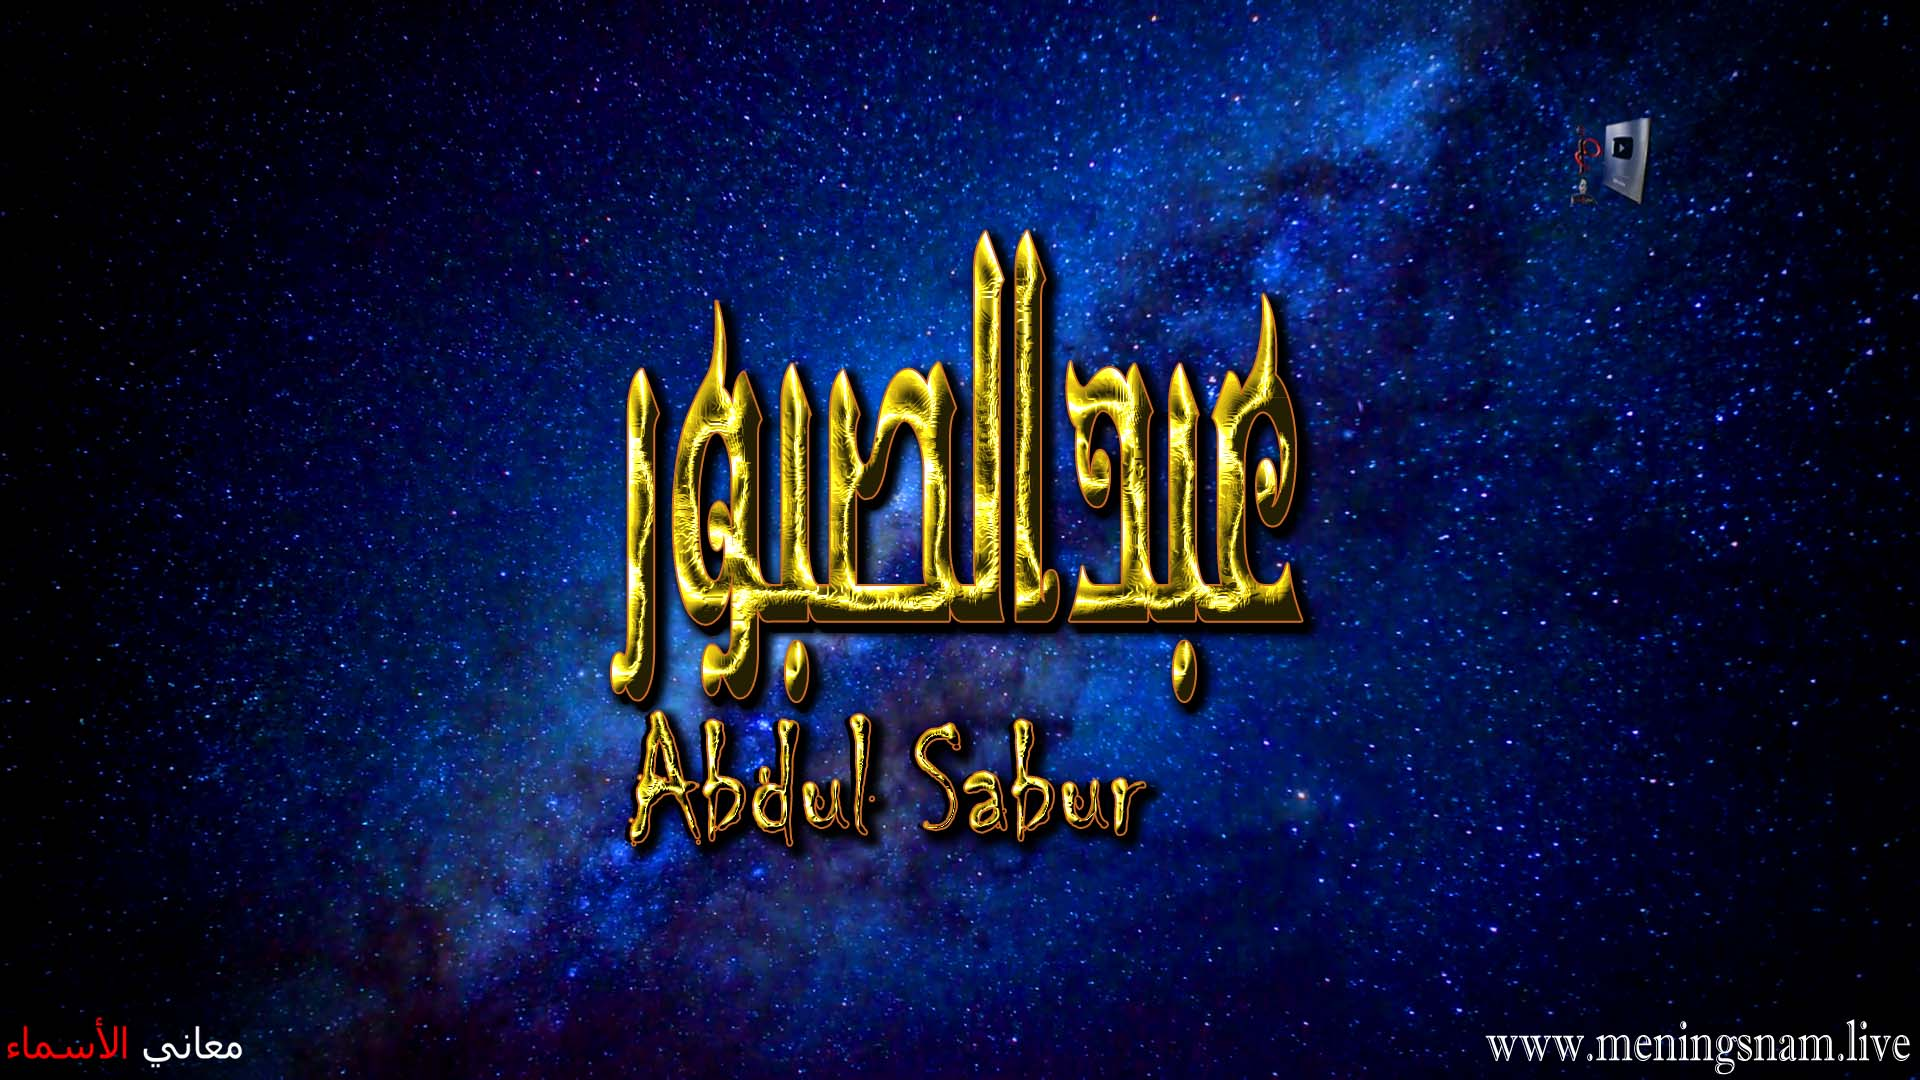 معنى اسم عبد الصبور وصفات حامل هذا الاسم Abdelsabour